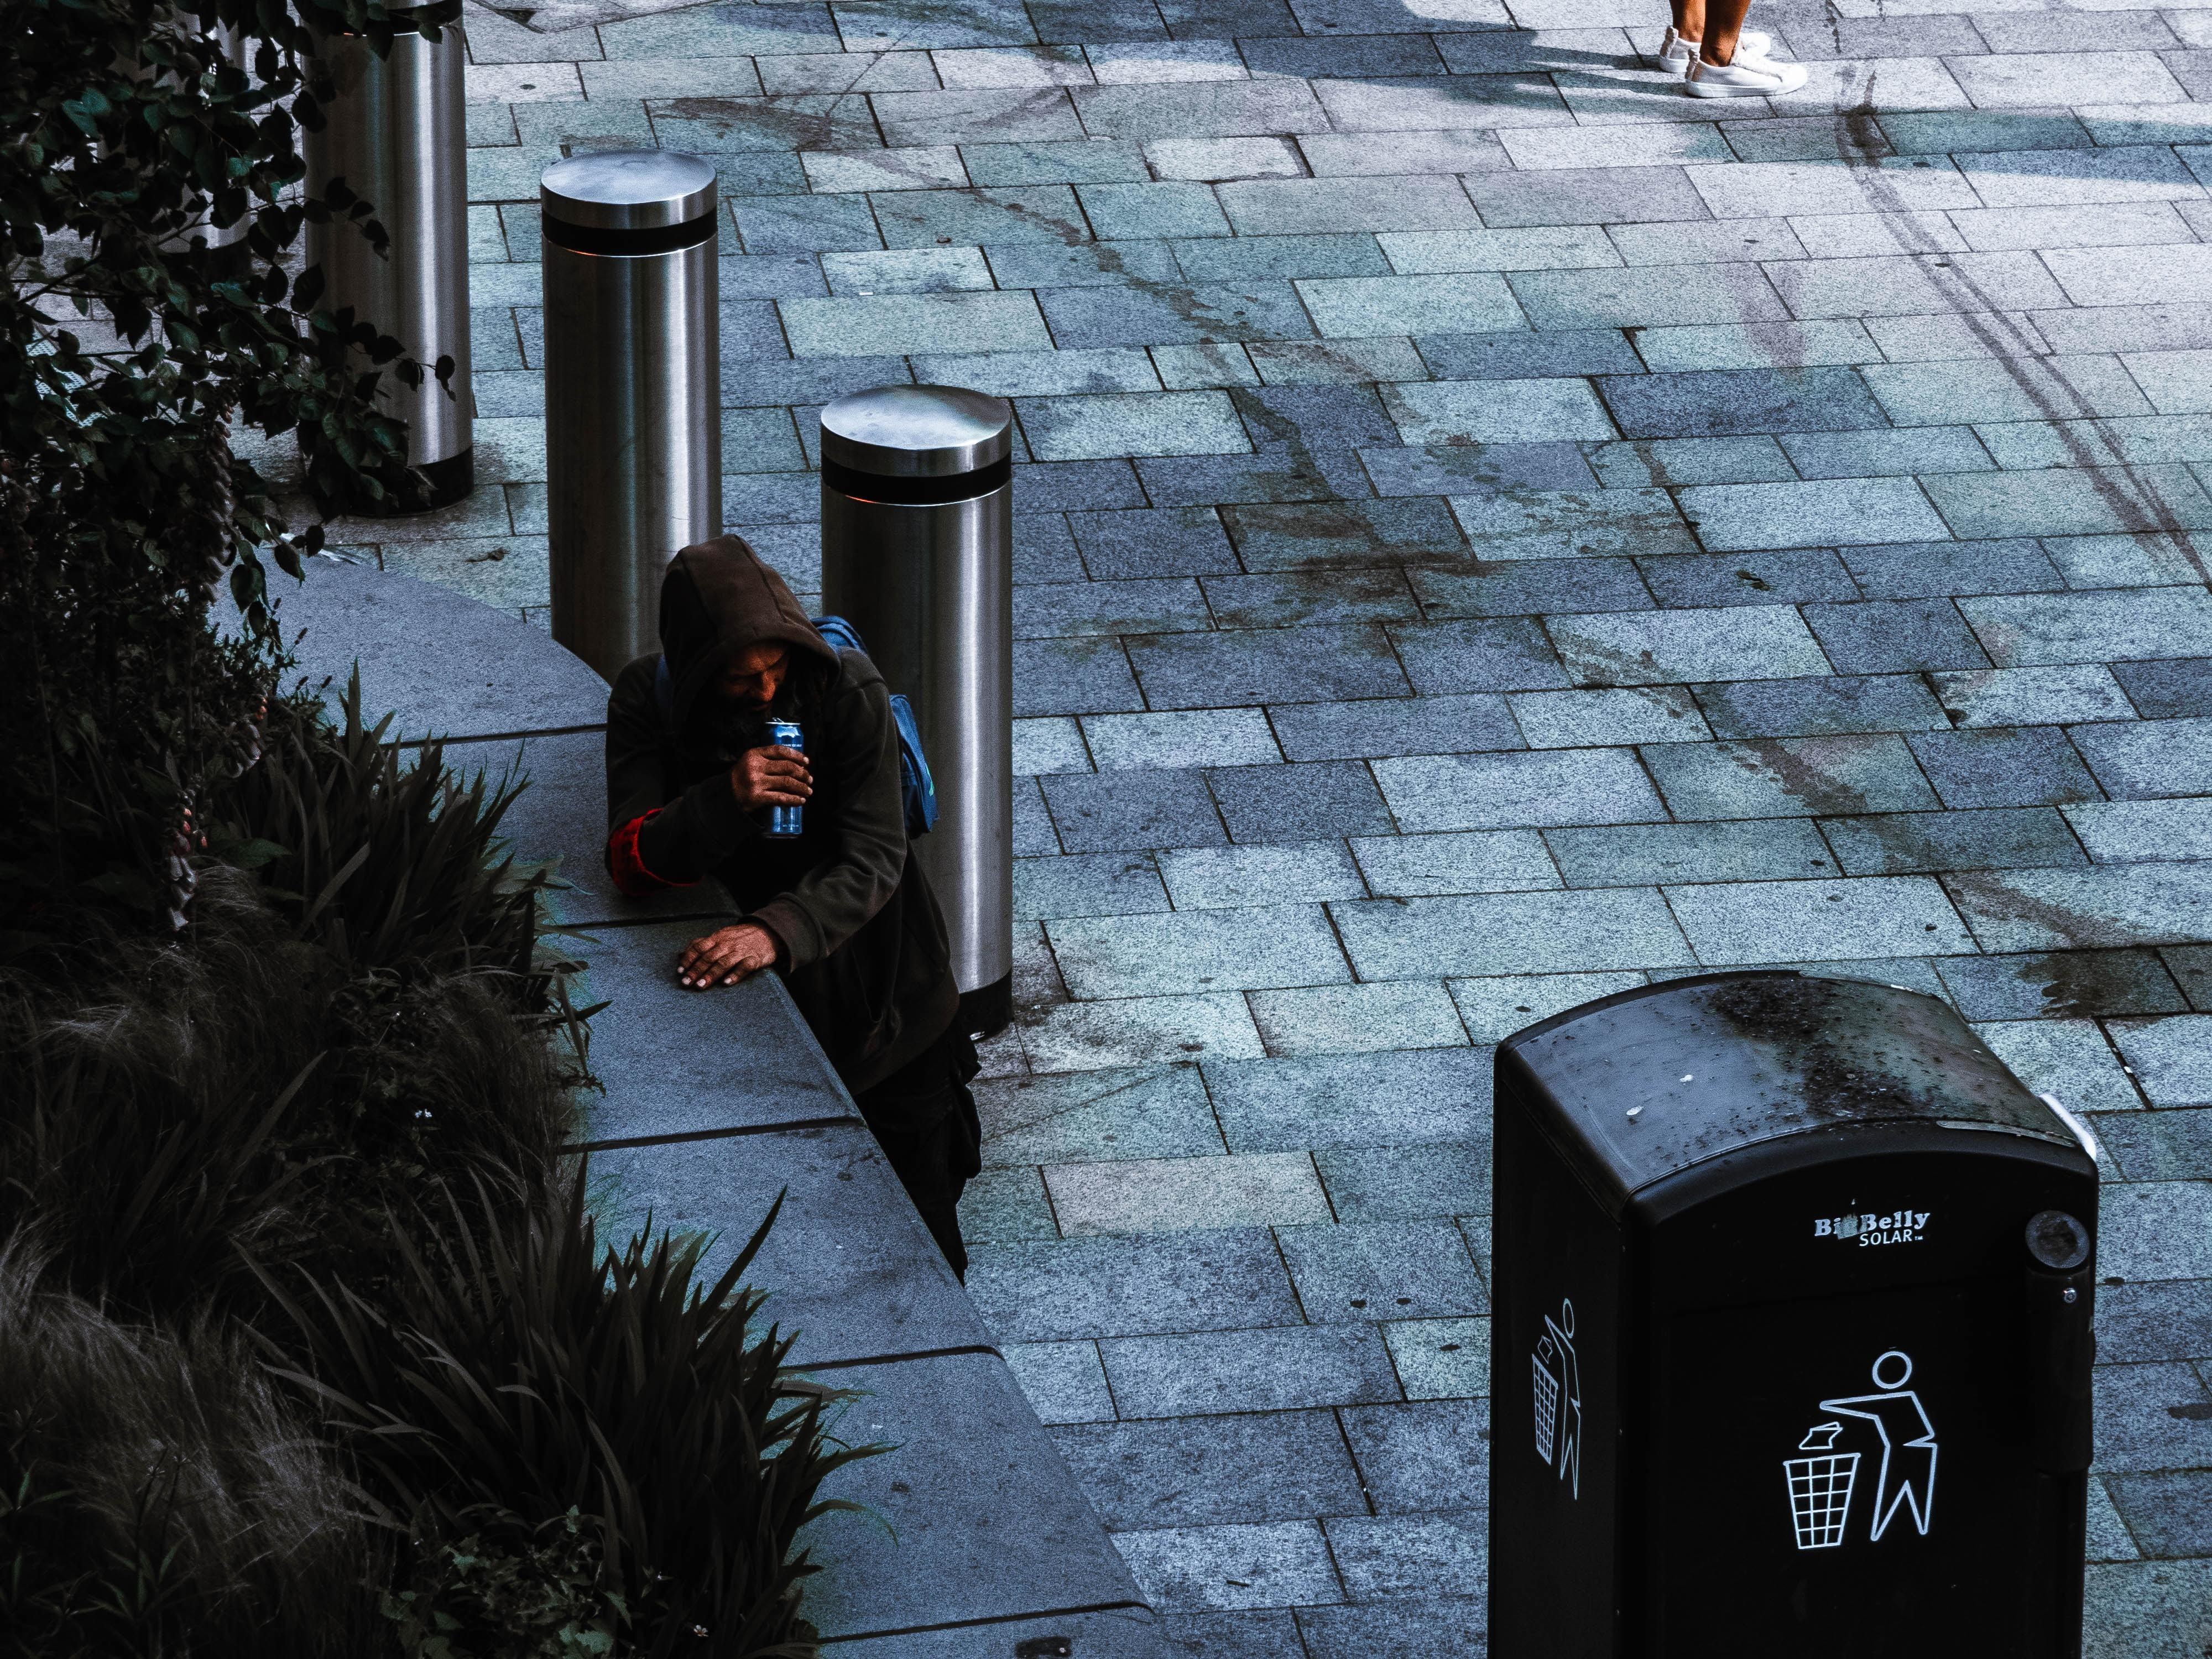 man standing near black trash bin